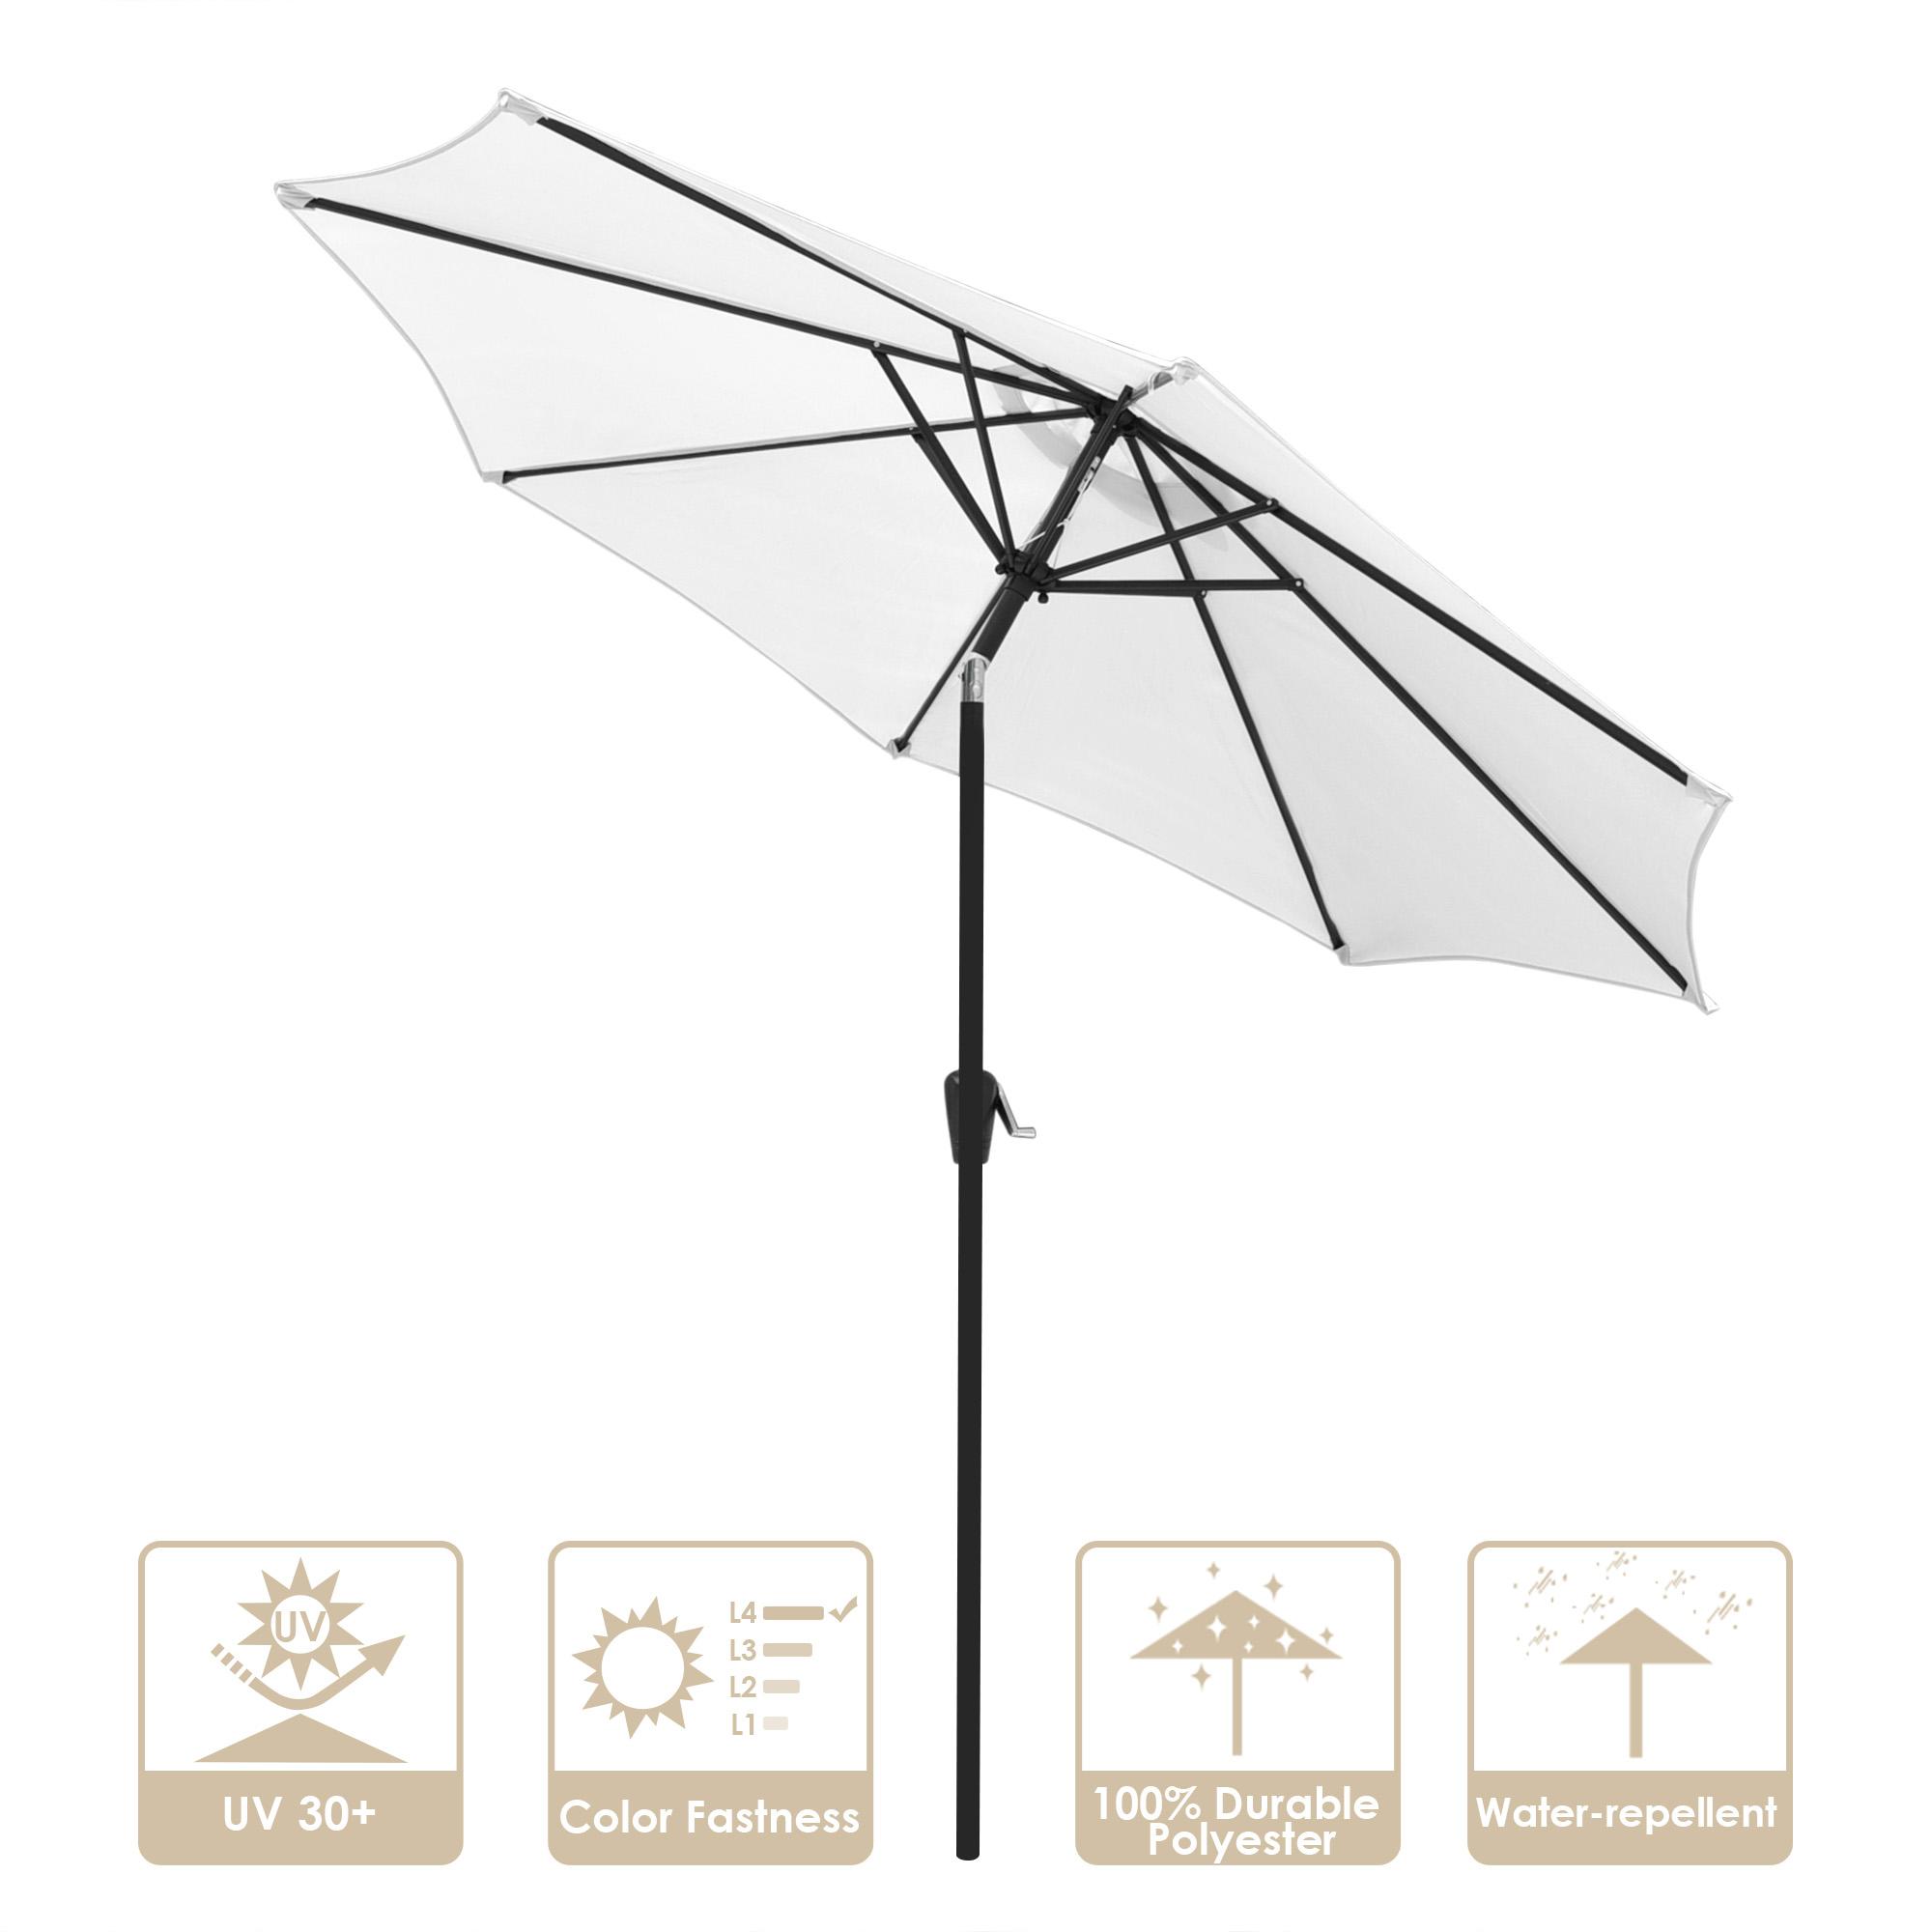 thumbnail 112 - 9' Outdoor Umbrella Patio 8 Ribs Market Garden Crank Tilt Beach Sunshade Parasol